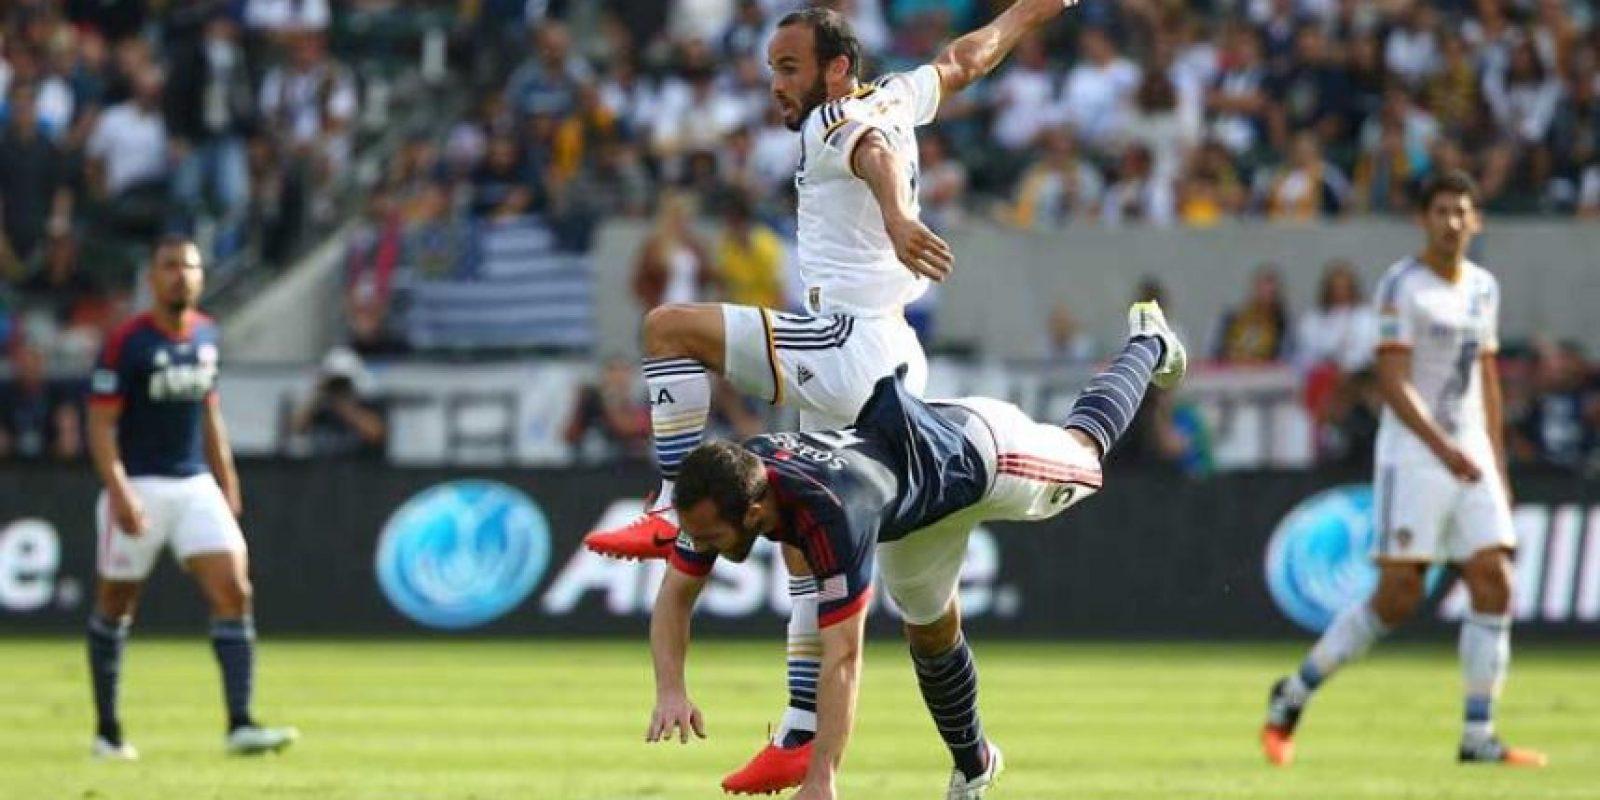 Es considerada la 55ª mejor liga del mundo, según ranking de la IFFHS. Foto:Getty Images